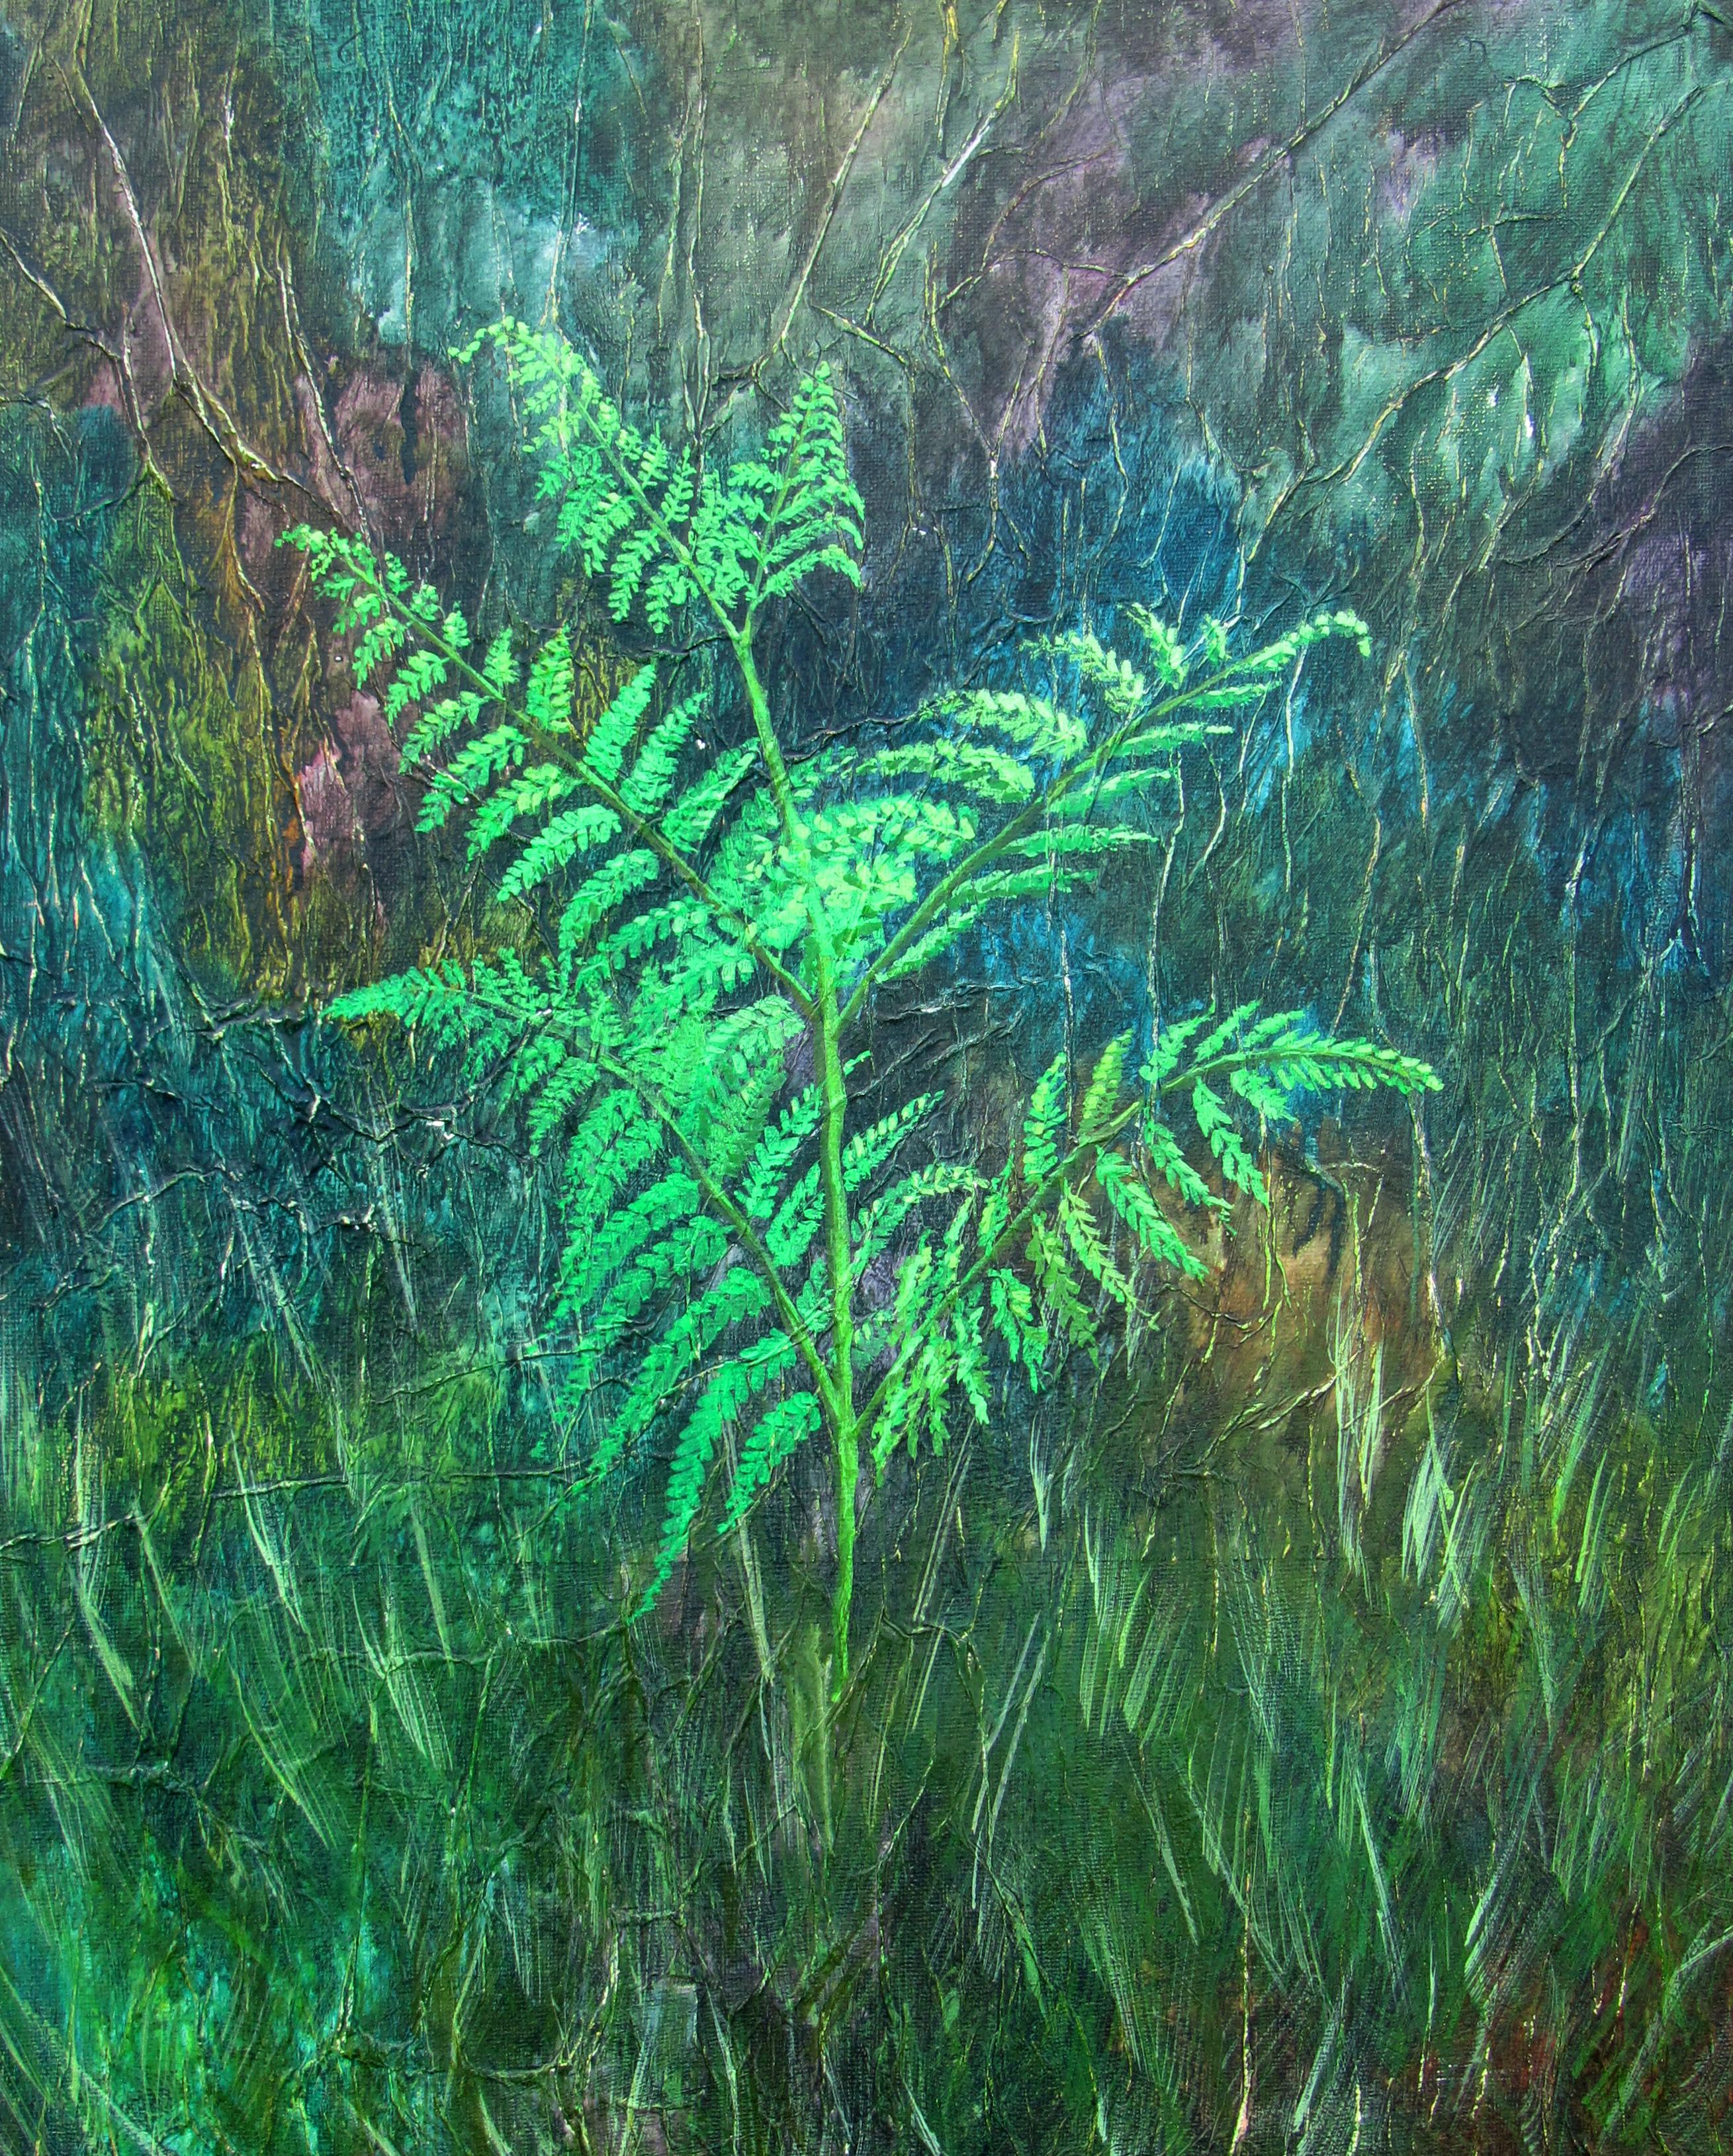 Arne, emerging fern